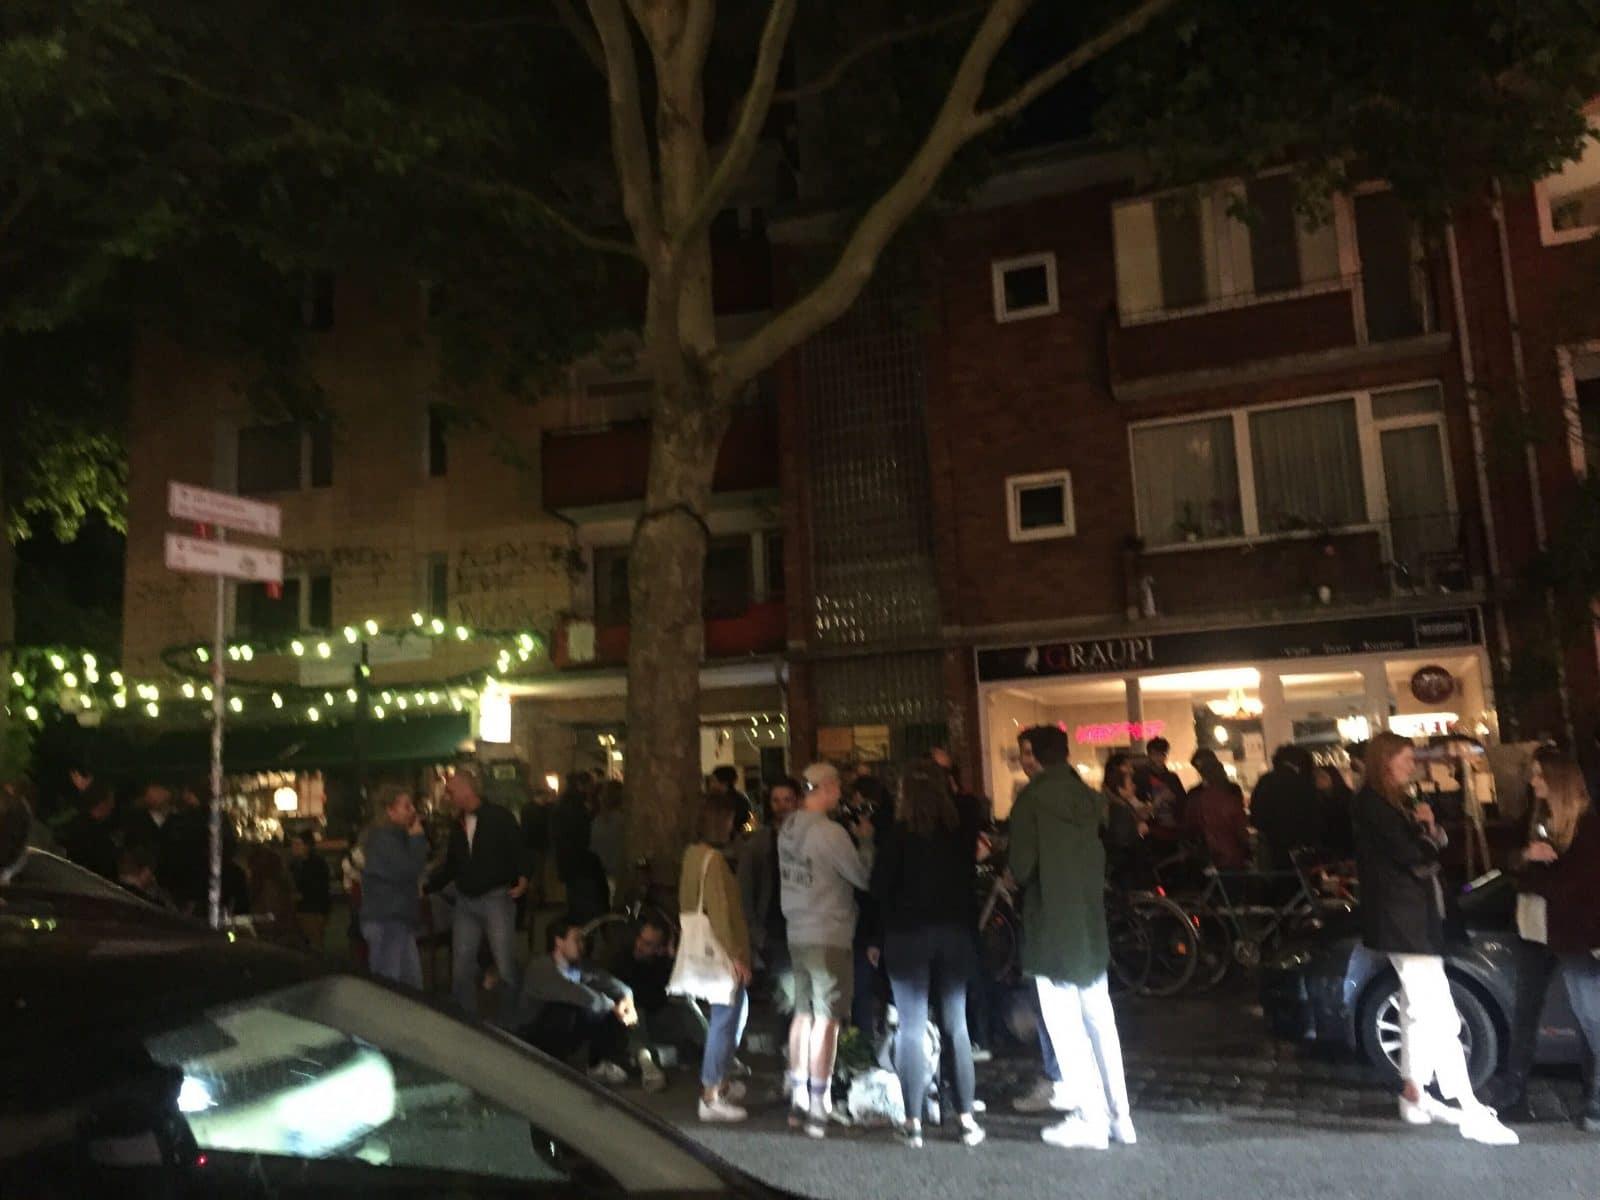 Menschen drängen sich vor einer Bar auf der Schanze. Foto: Alana Tongers